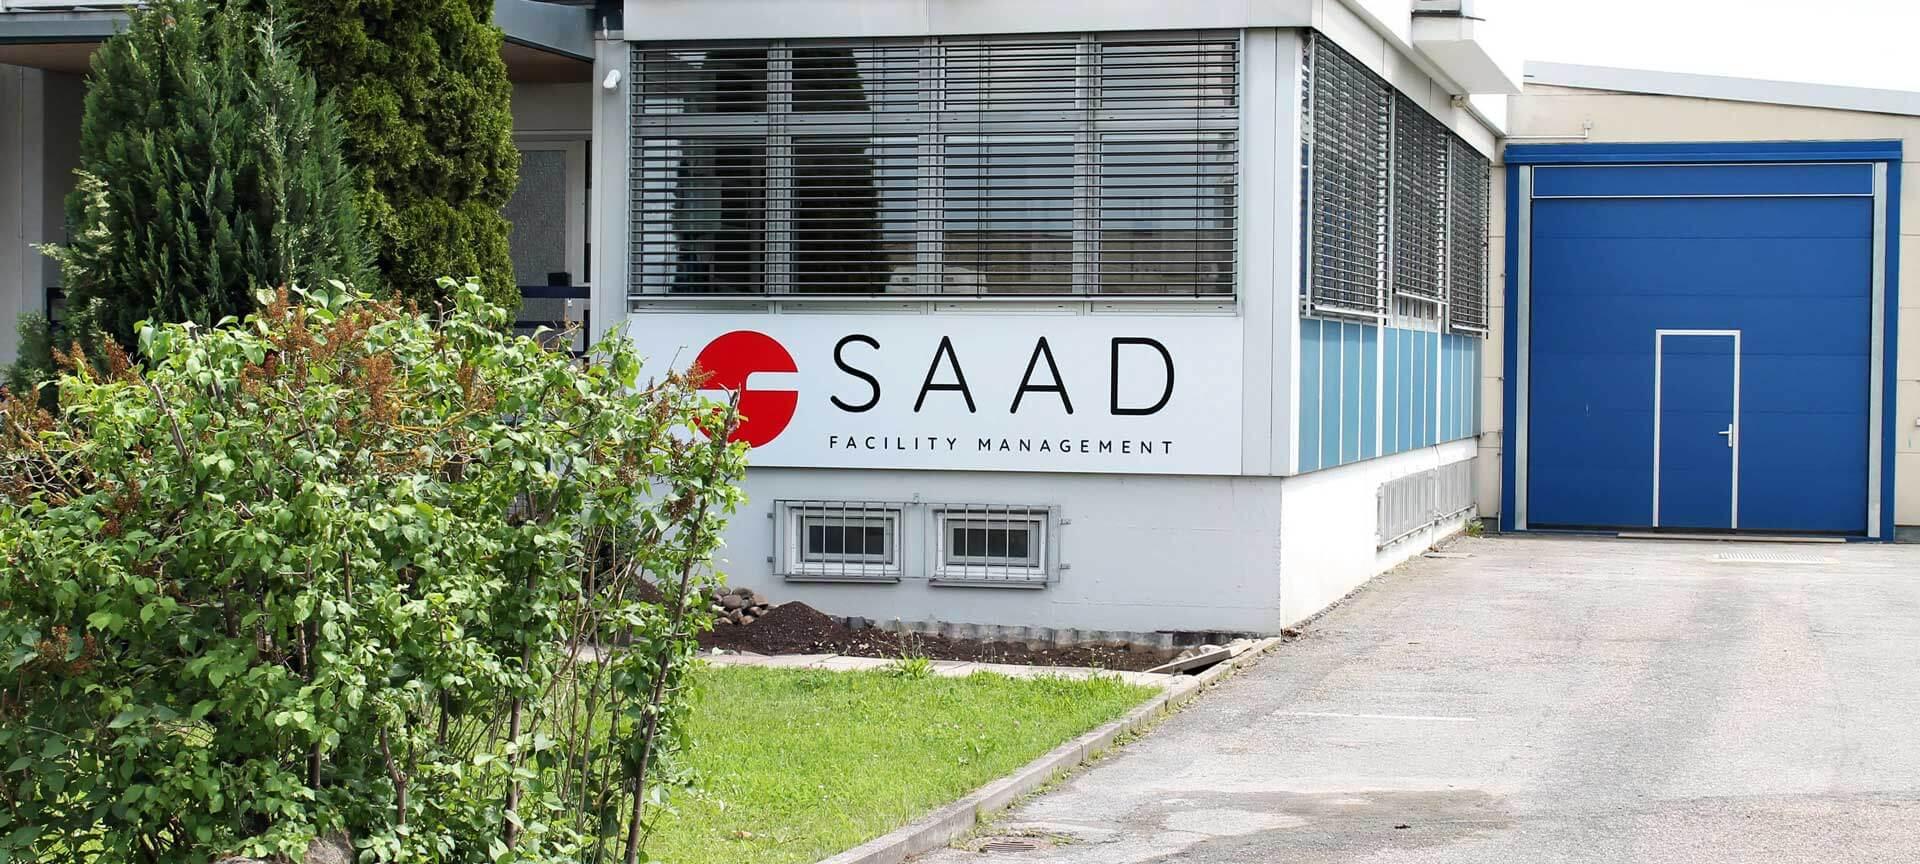 Ein Bildausschnitt des Firmengebäudes von SAAD mit einem blauen Garagentor im hinteren Gebäudeteil.